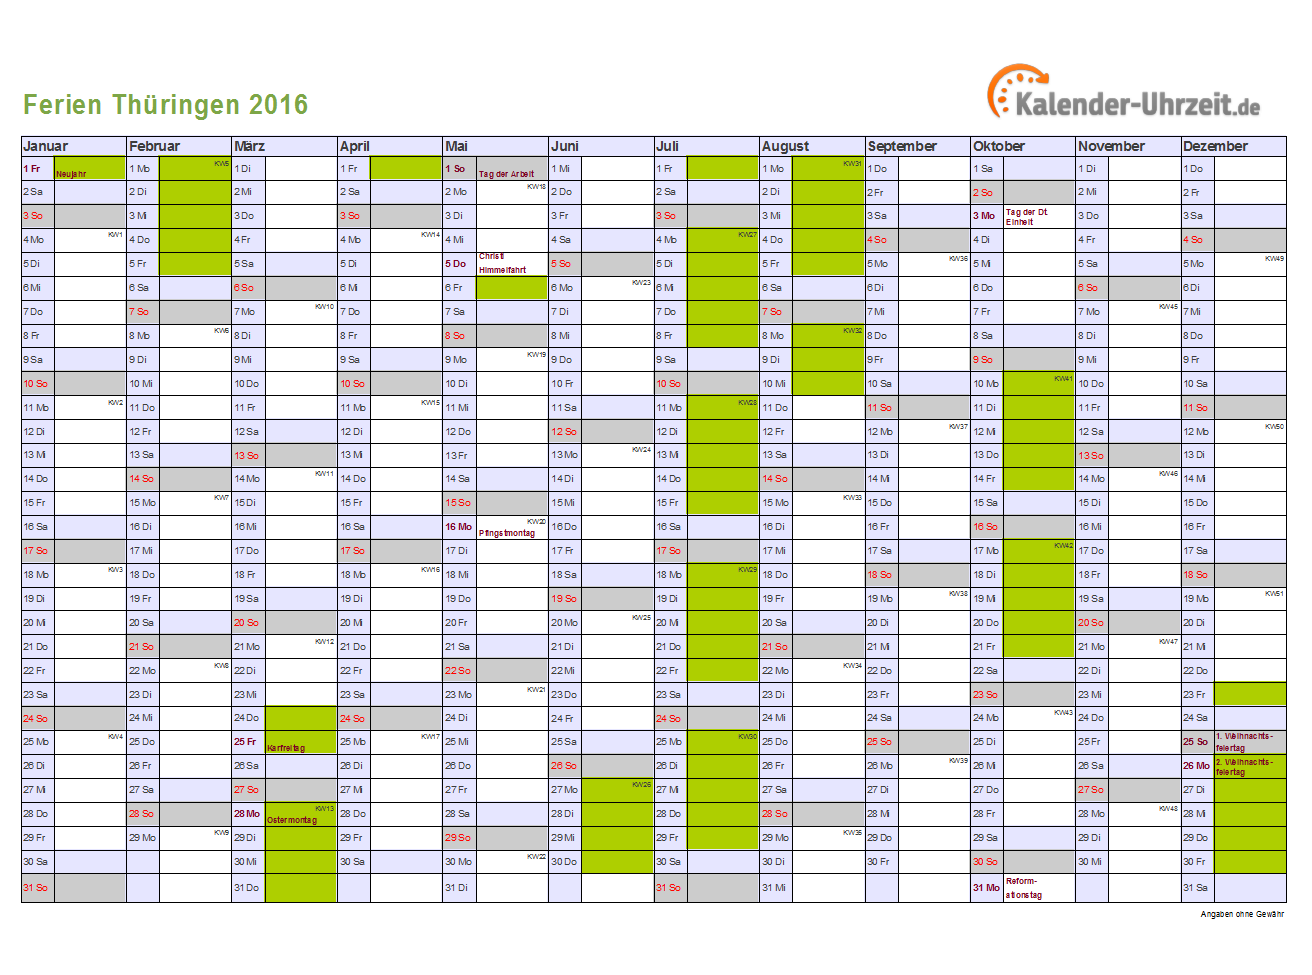 Ferienkalender Thüringen 2016 zum Ausdrucken und Downloaden